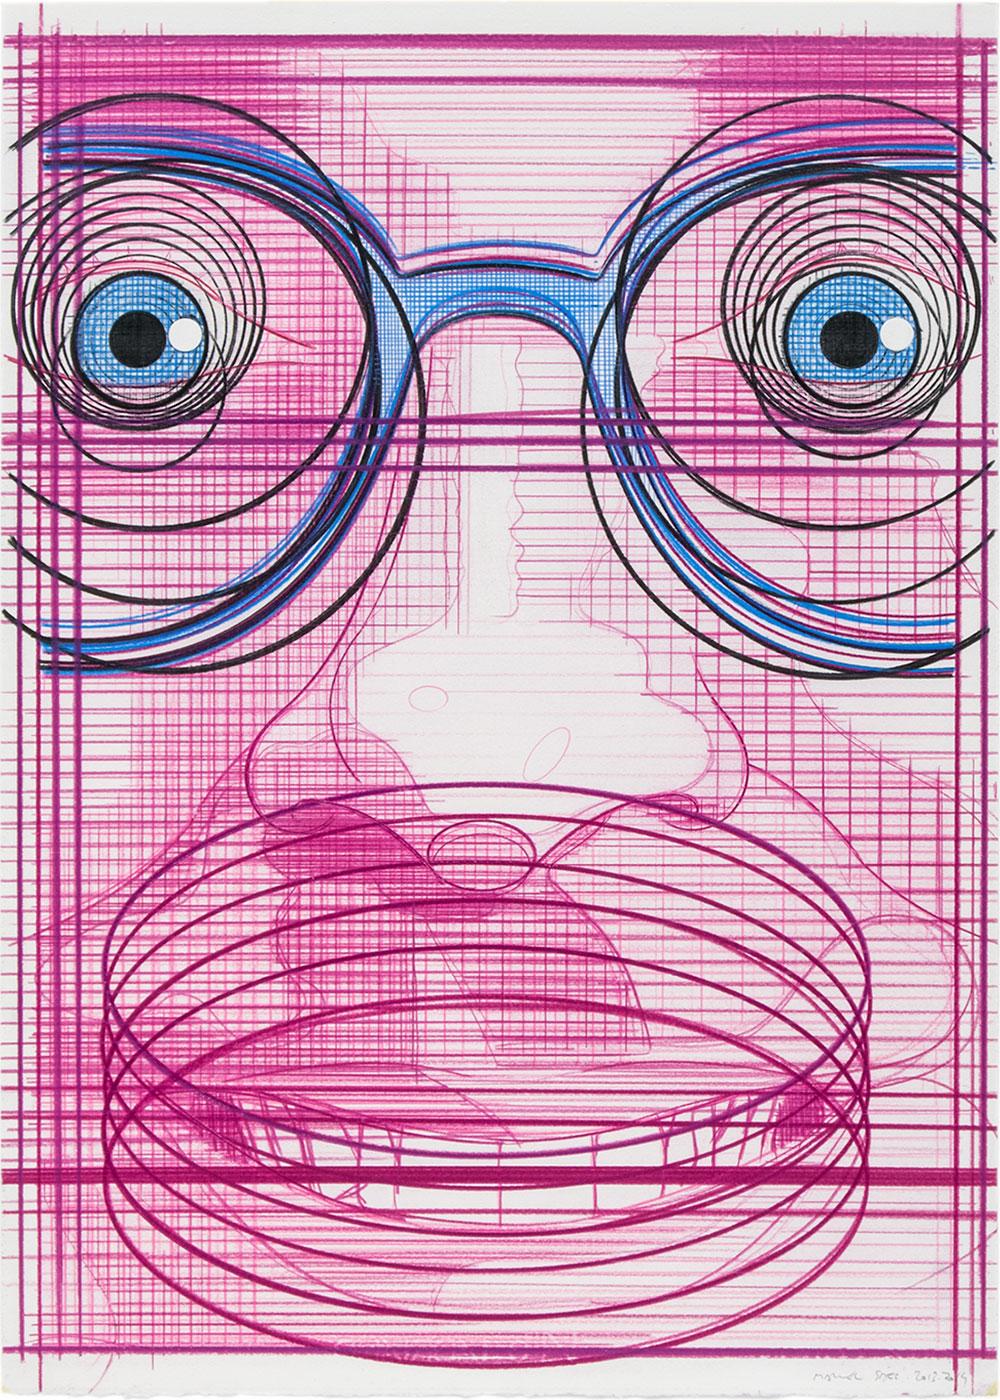 El turista del espacio 15 ,2013-2014 Lápiz de color / papel, 70 x 50 cm